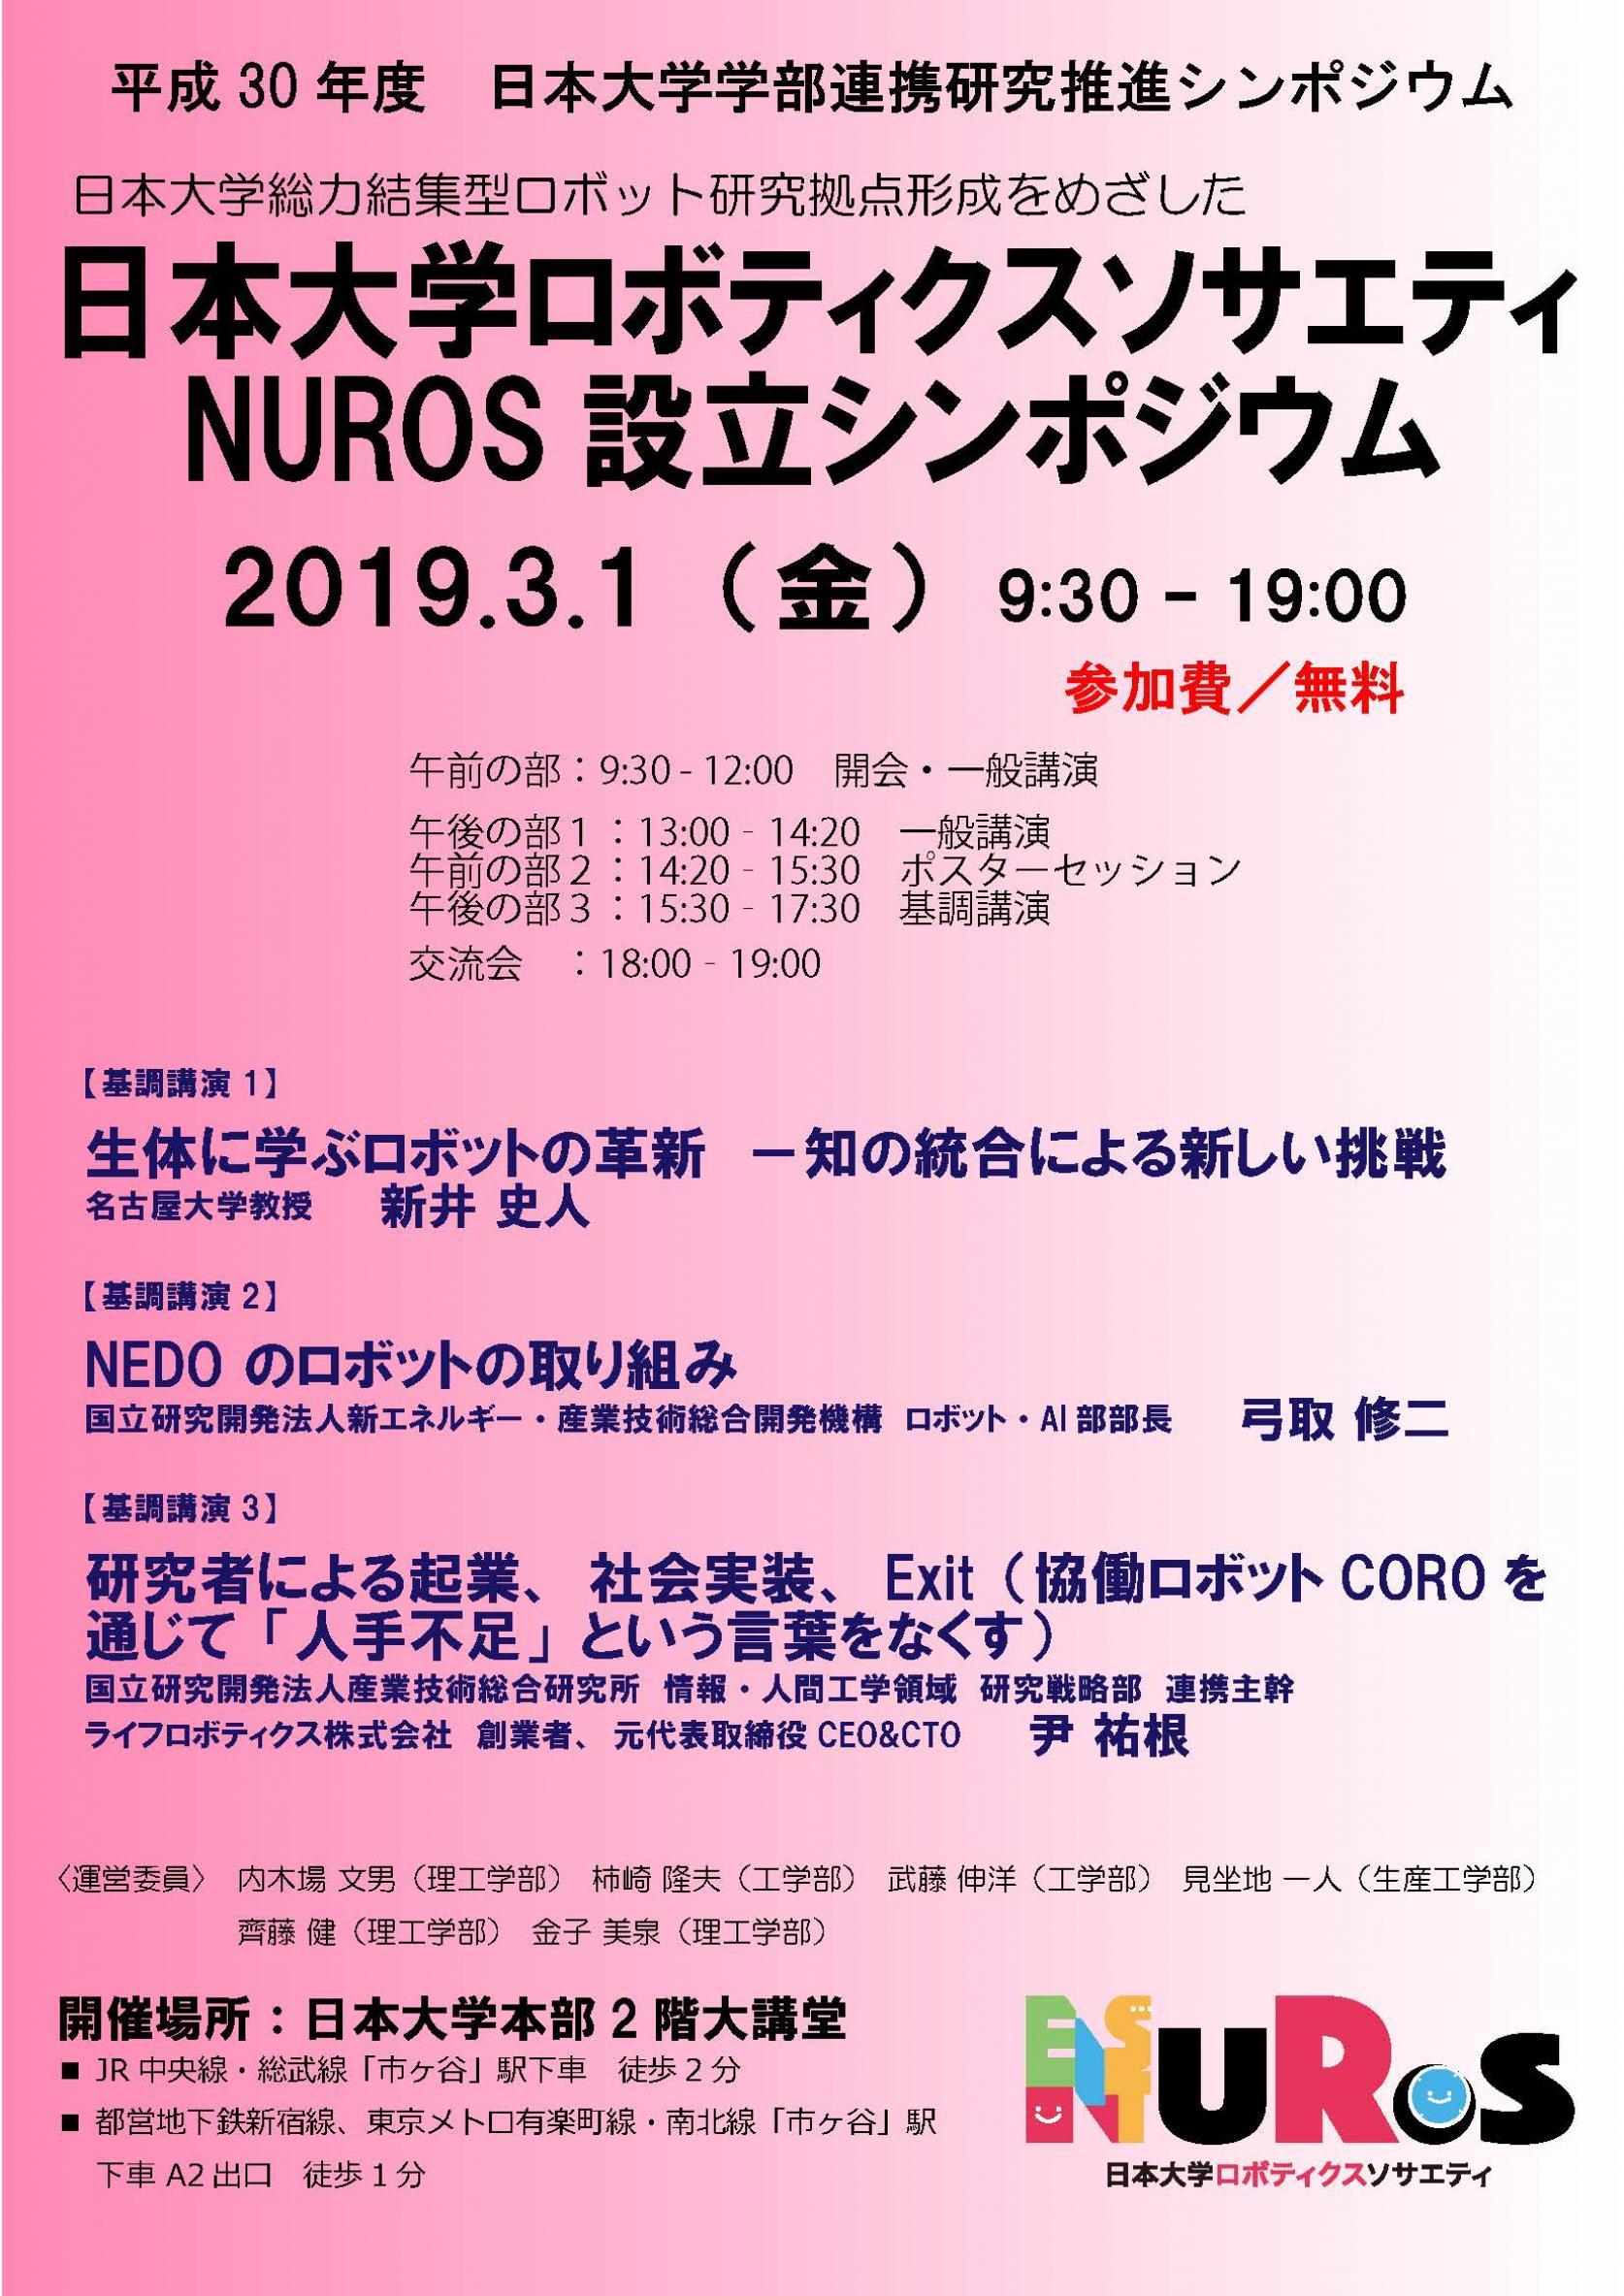 3月1日(金)に「日本大学総力結集型ロボット研究拠点形成をめざした日本大学ロボティクスソサエティNUROS設立シンポジウム」を開催します。